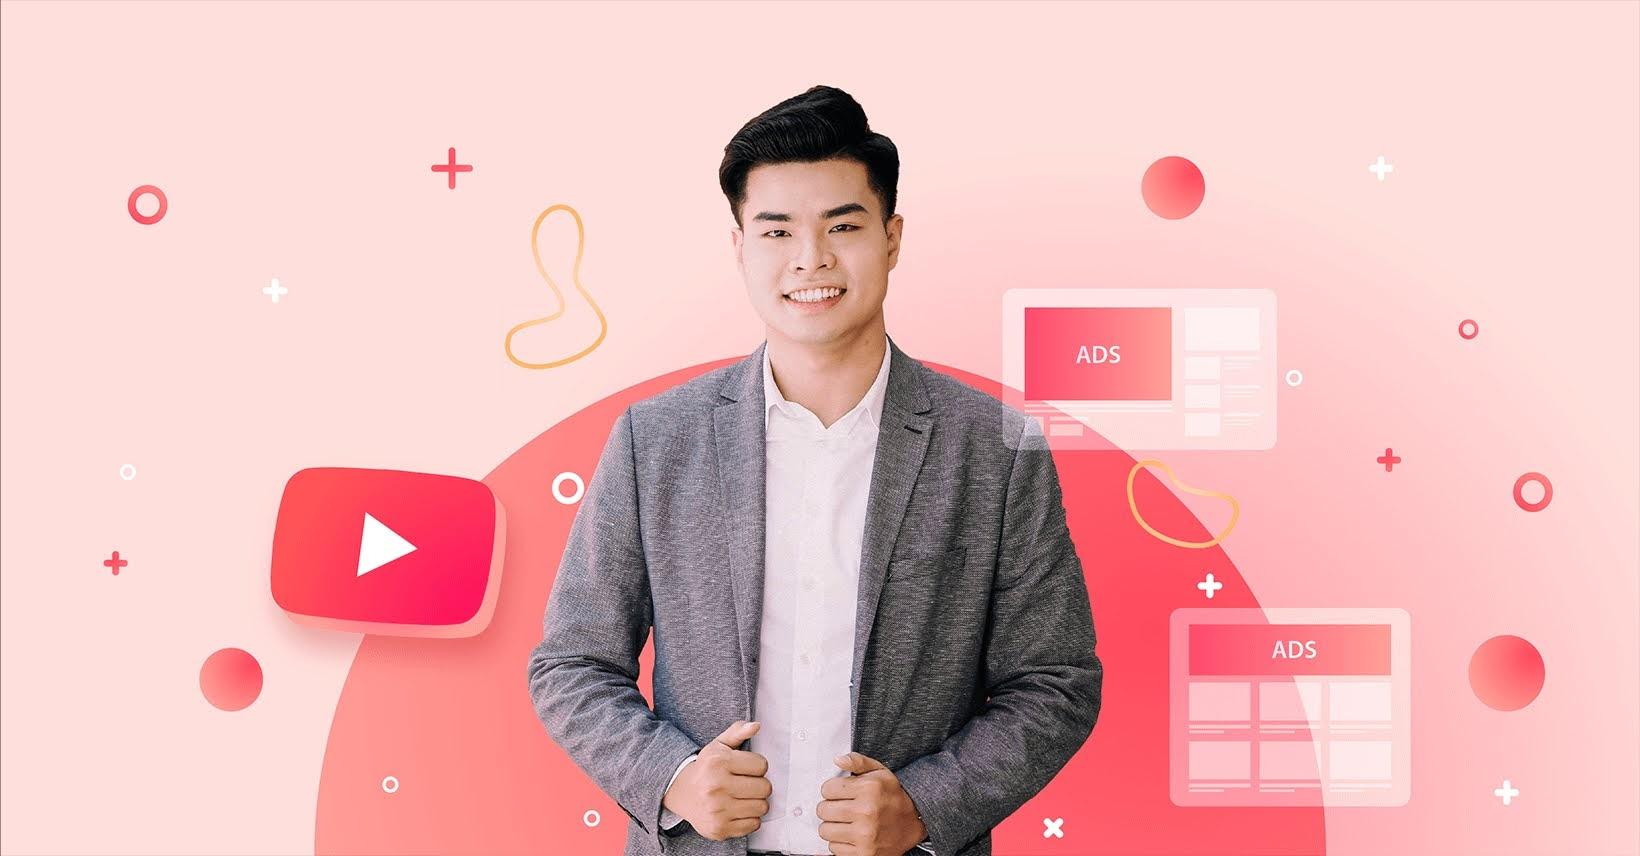 Khóa học hướng dẫn quảng cáo Youtube 2020 bài bản - Tiếp cận đúng khách hàng và tạo ra đơn hàng tại nền tảng chia sẻ video lớn nhất thế giới